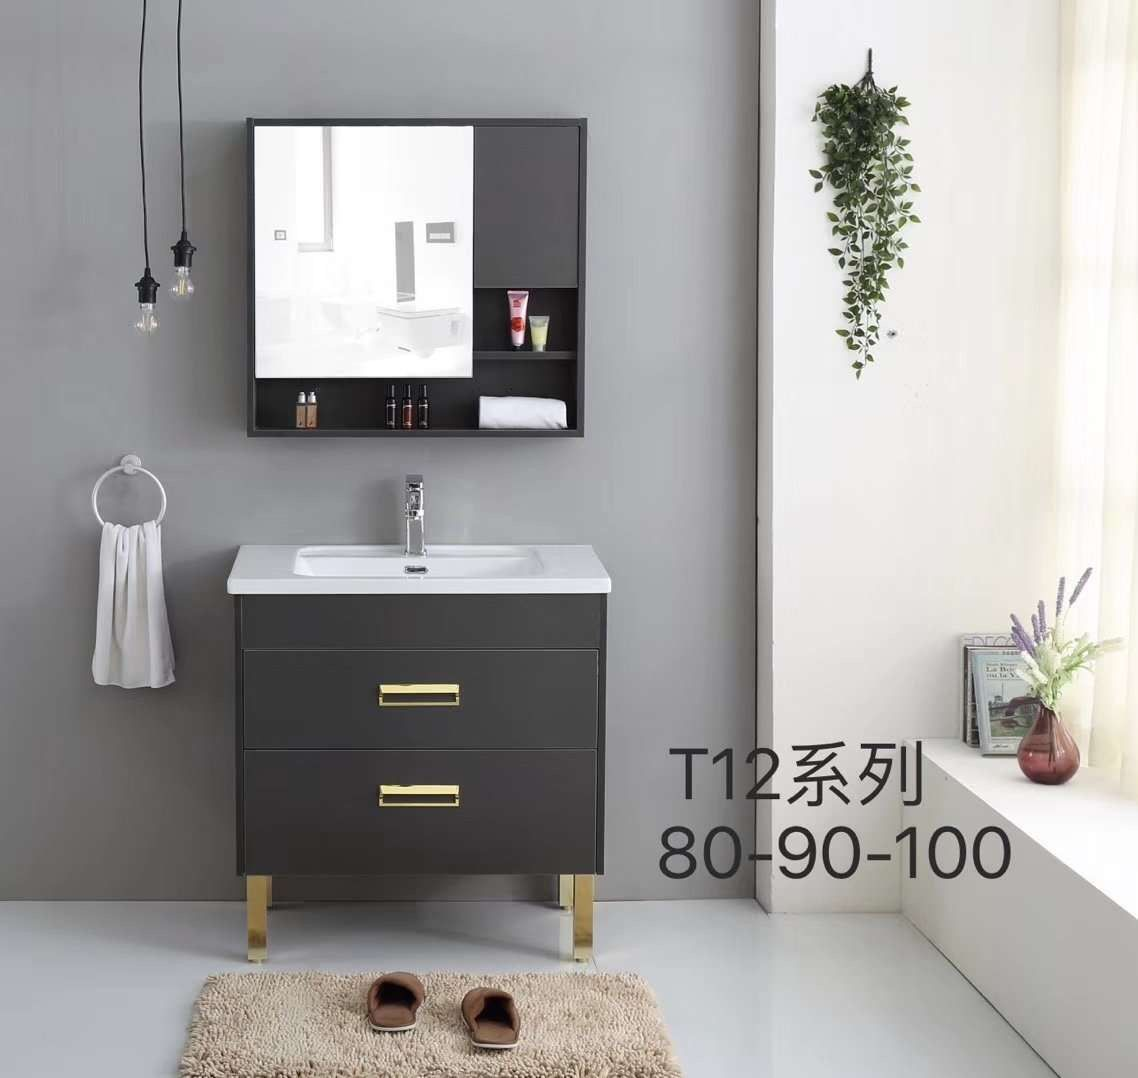 32inch Black Bathroom Vanity Mirror Cabinet Medicine Cabinet